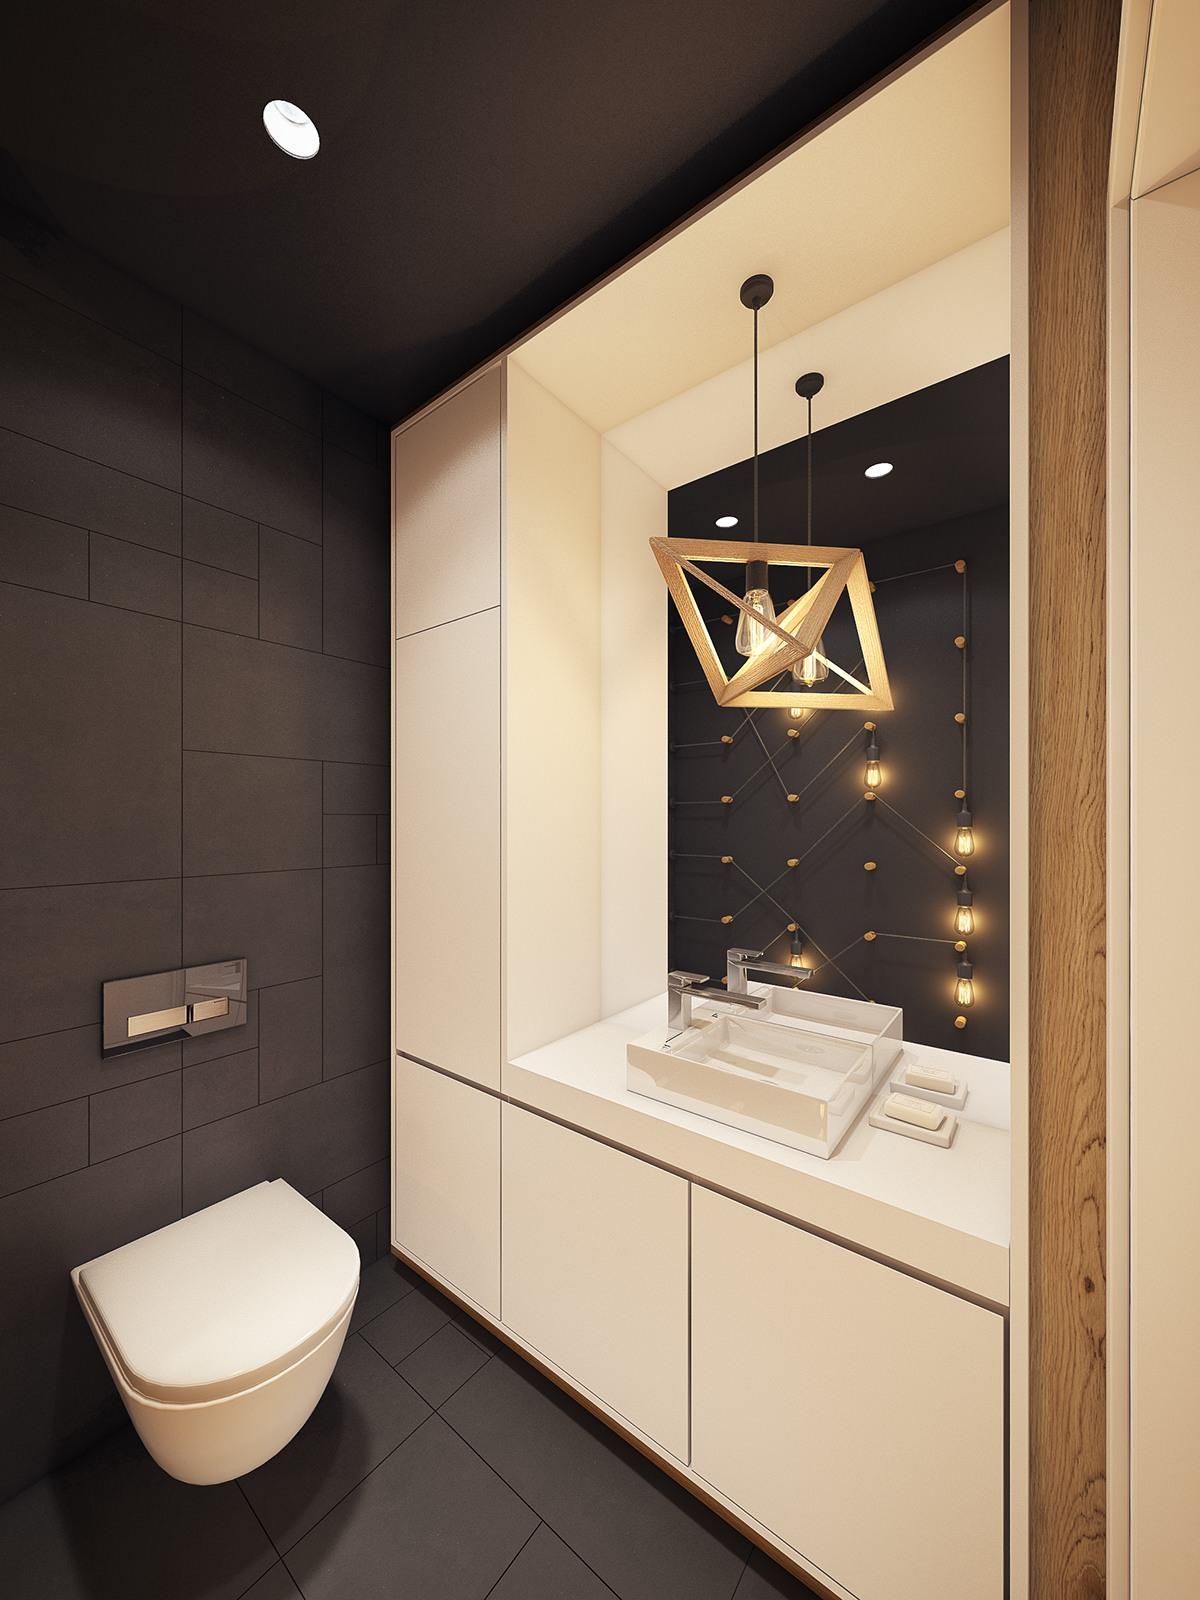 interioren-proekt-za-apartament-v-moderen-skandinavski-stil-920g